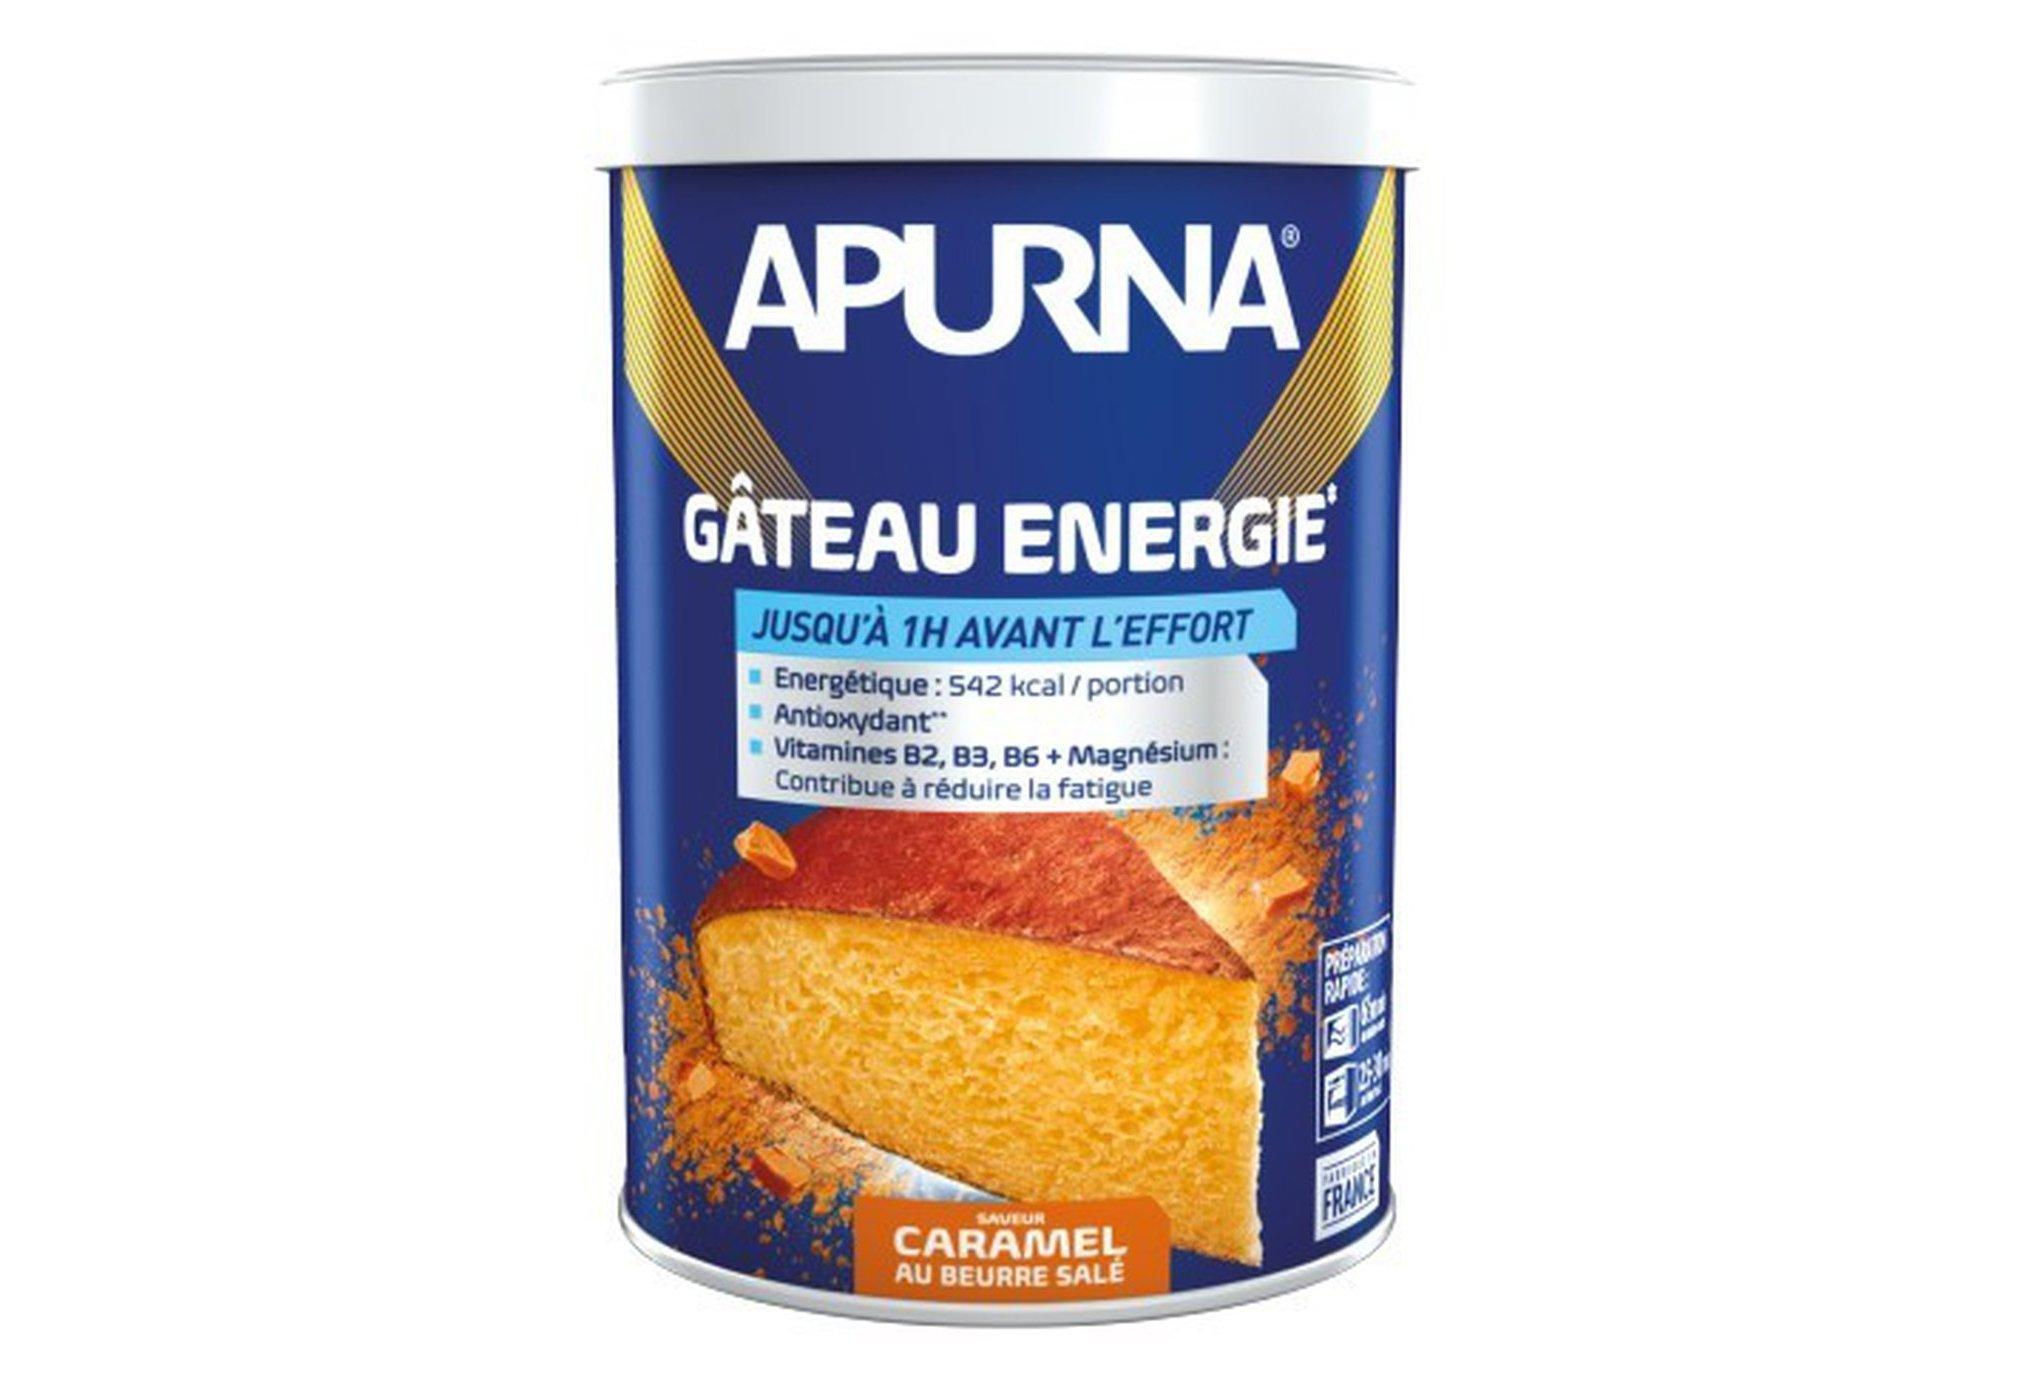 Apurna Gâteau Energie - Caramel beurre salé Diététique Préparation